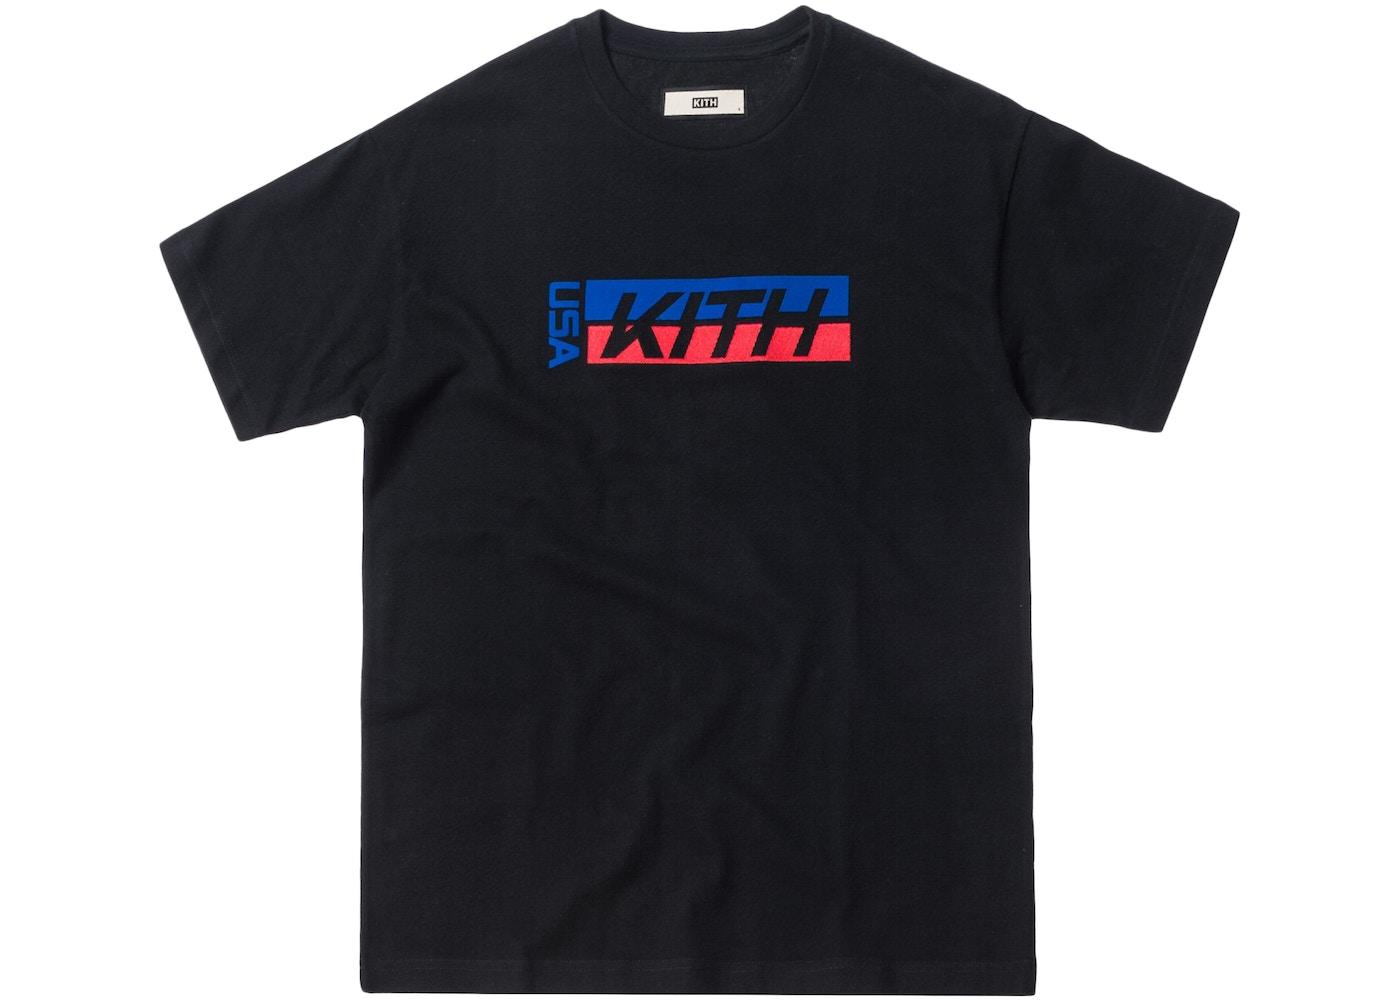 c071fe754 Kith USA Factory Team Tee Black - SS18